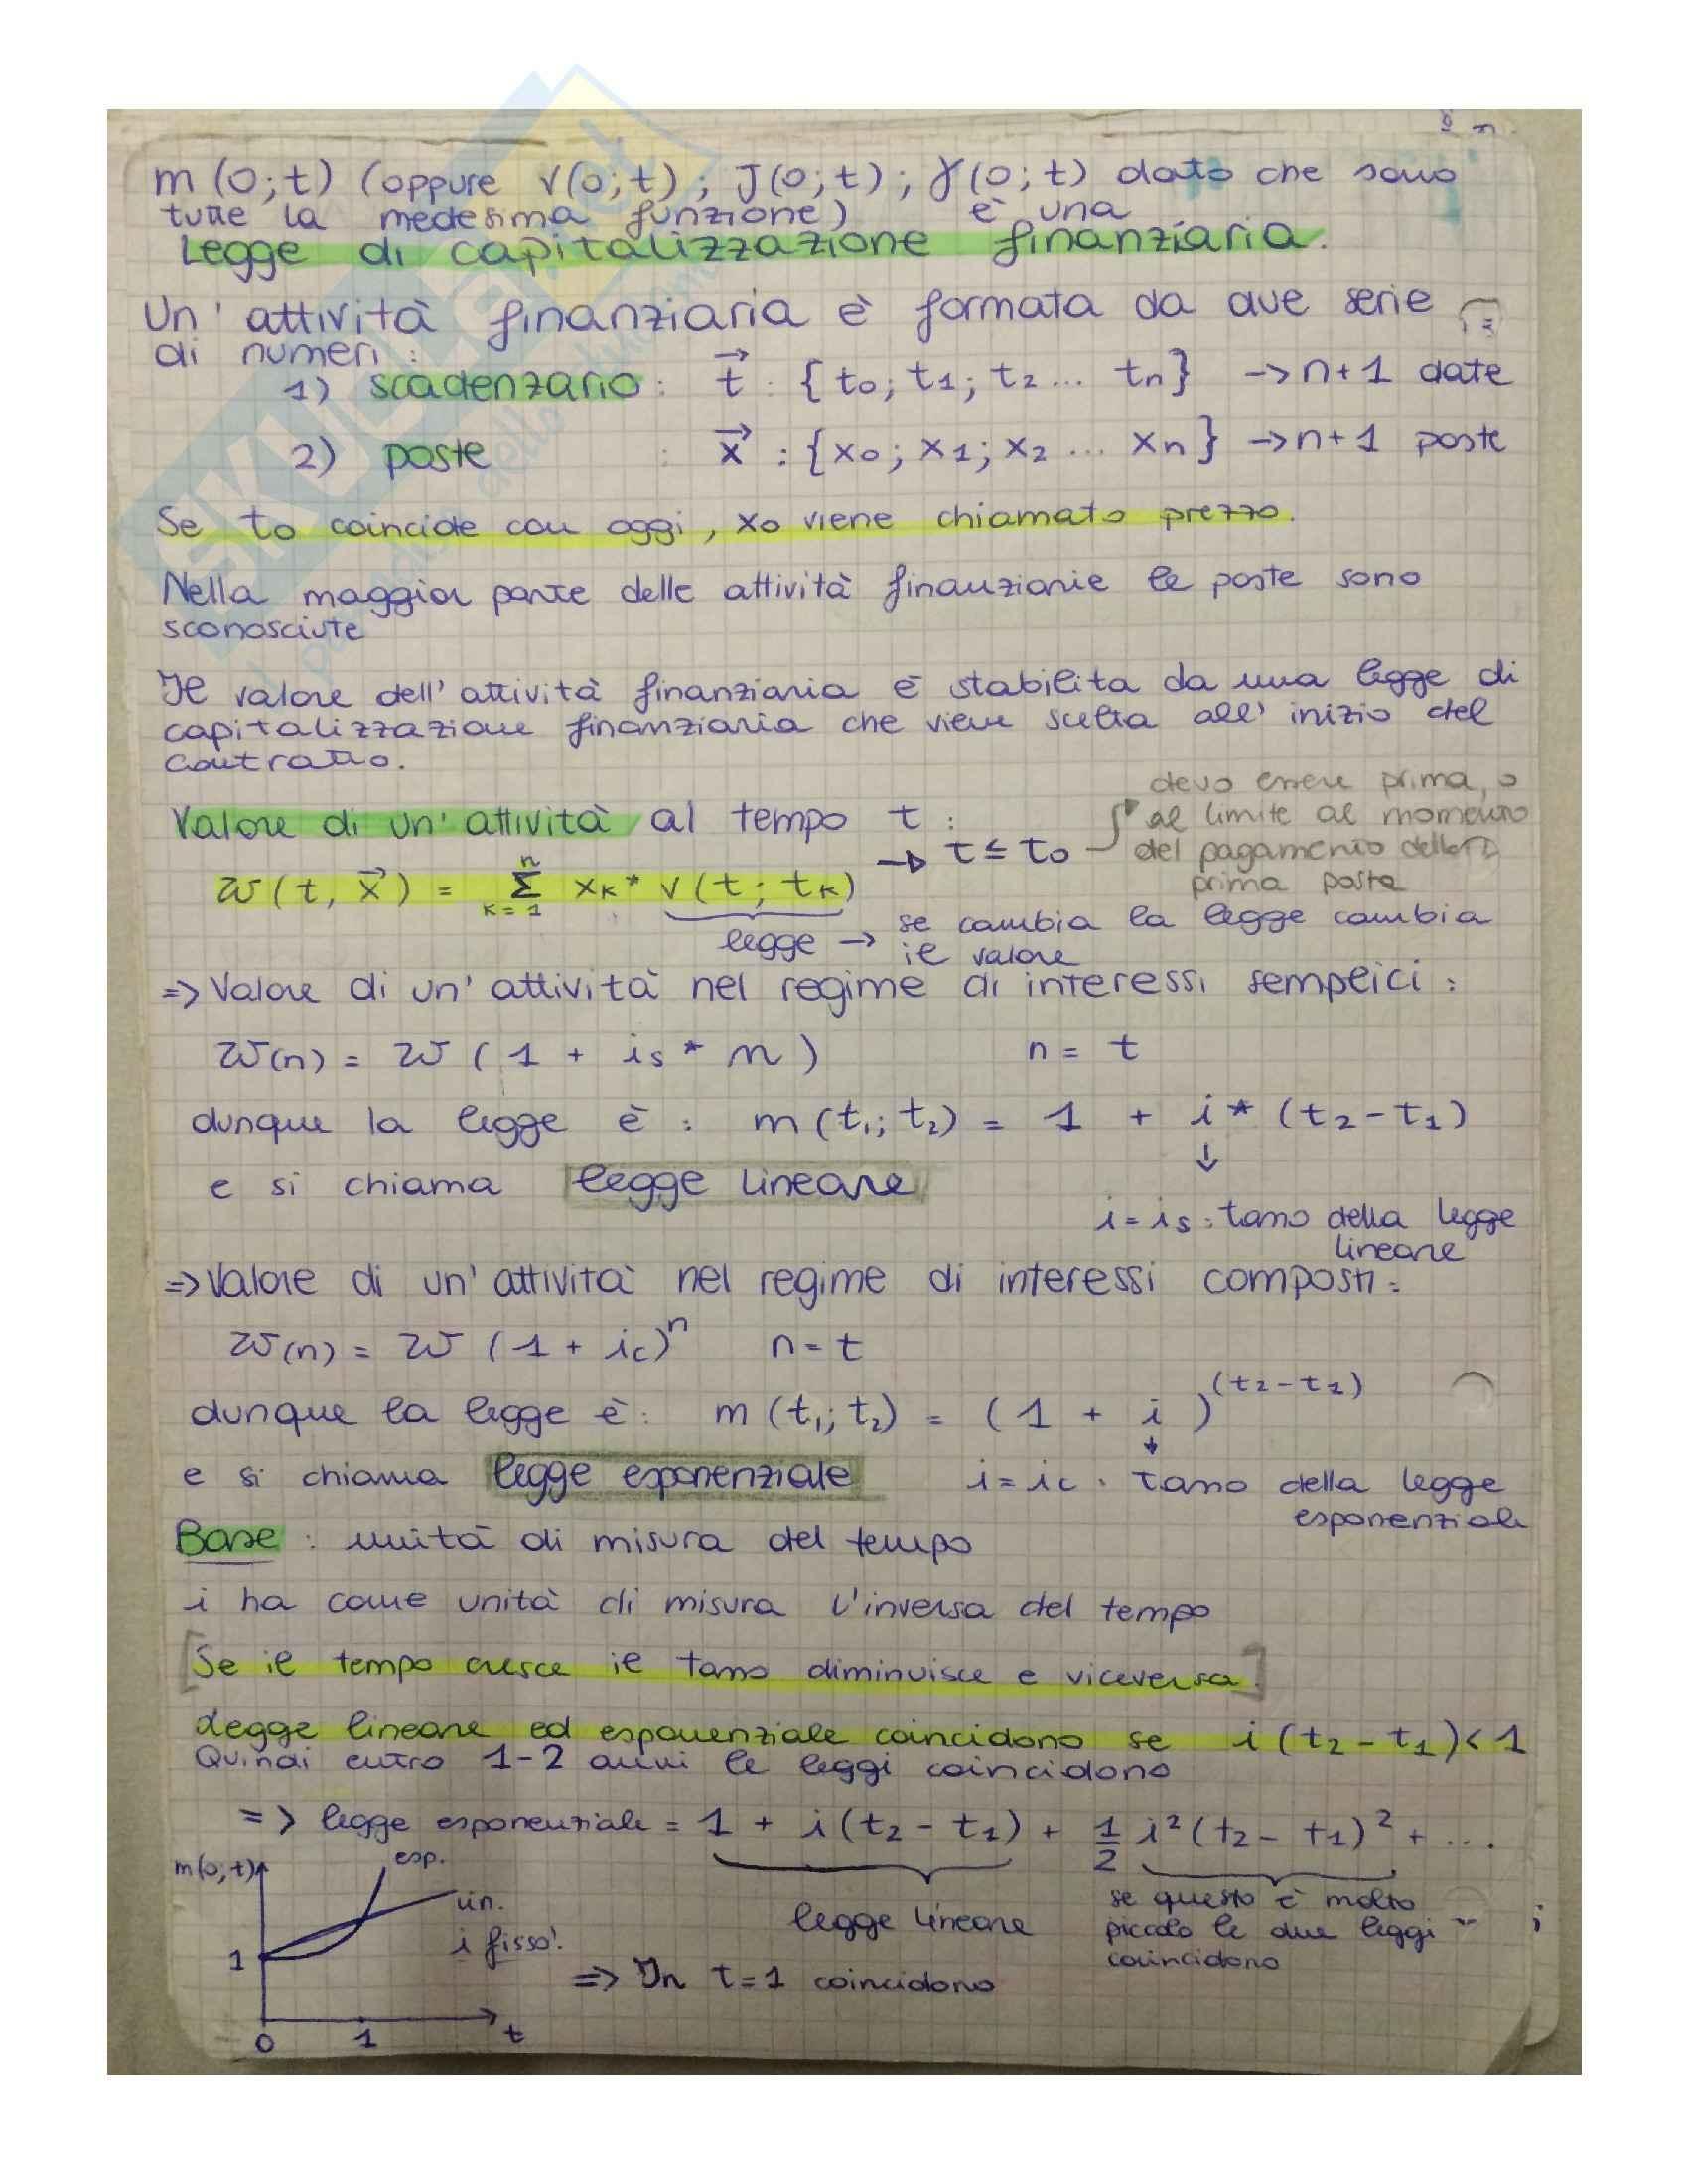 Matematica finanziaria - Appunti, definizioni e formule Pag. 2